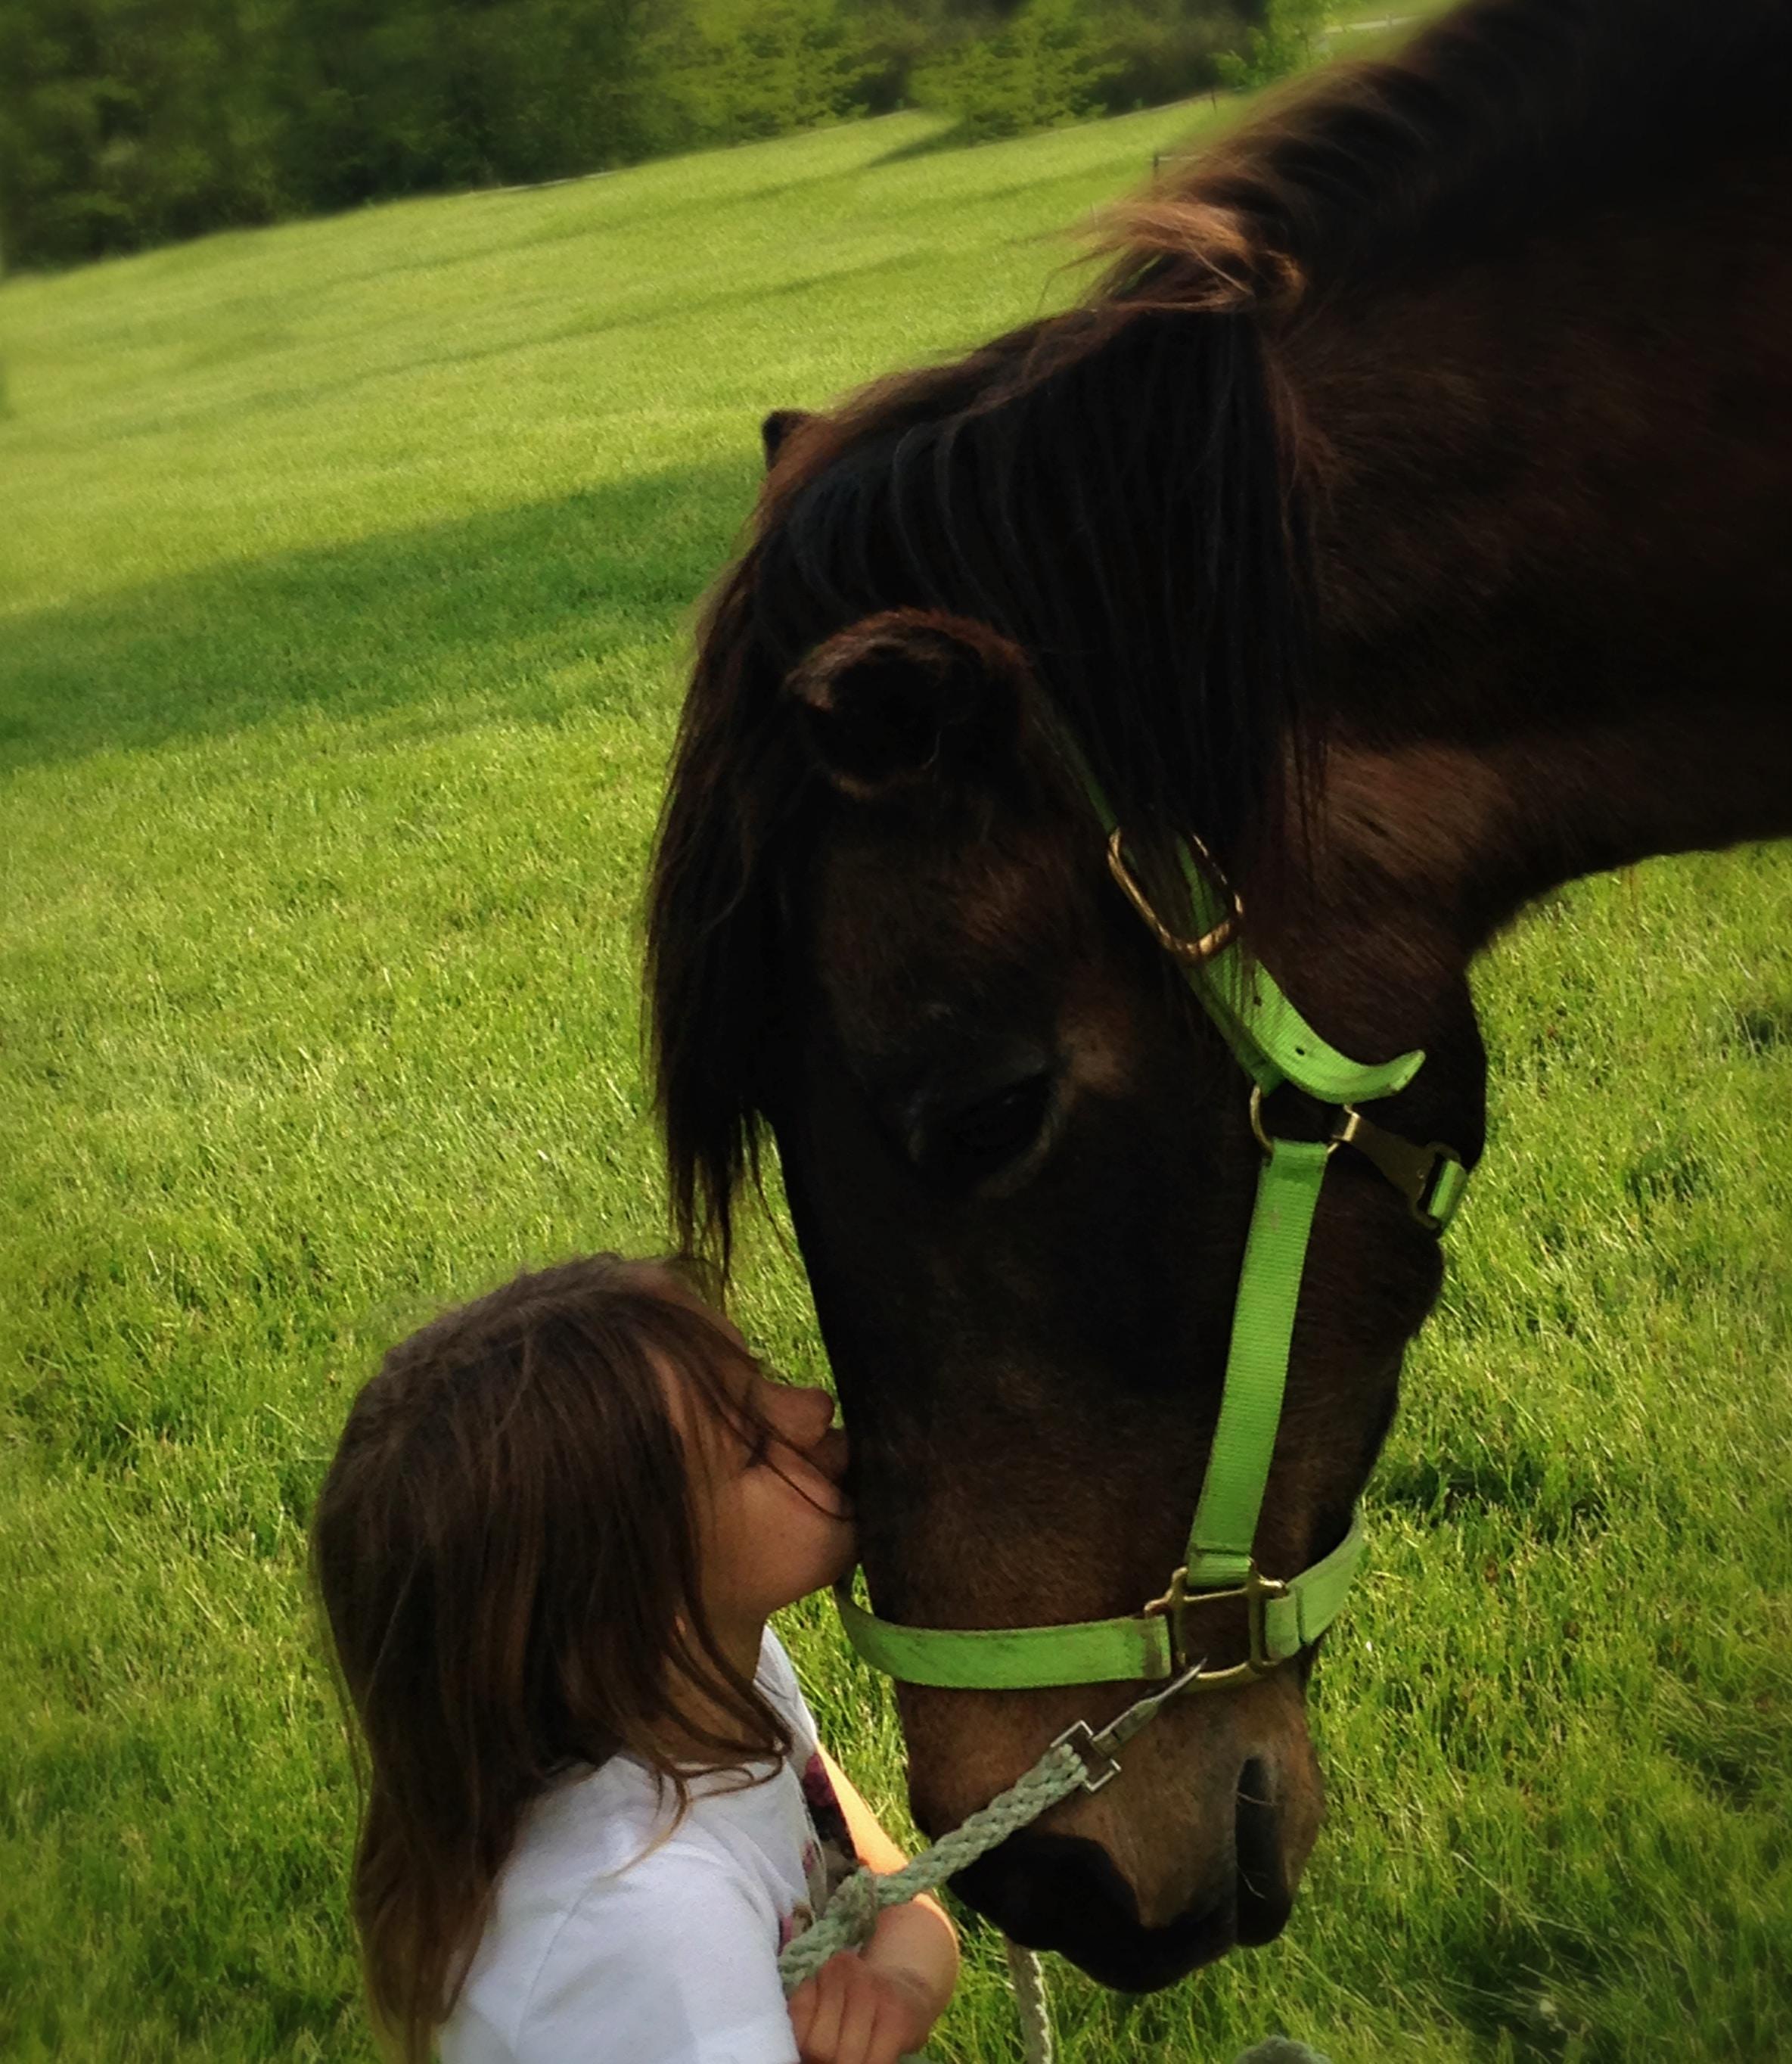 équitation - heureux en famille